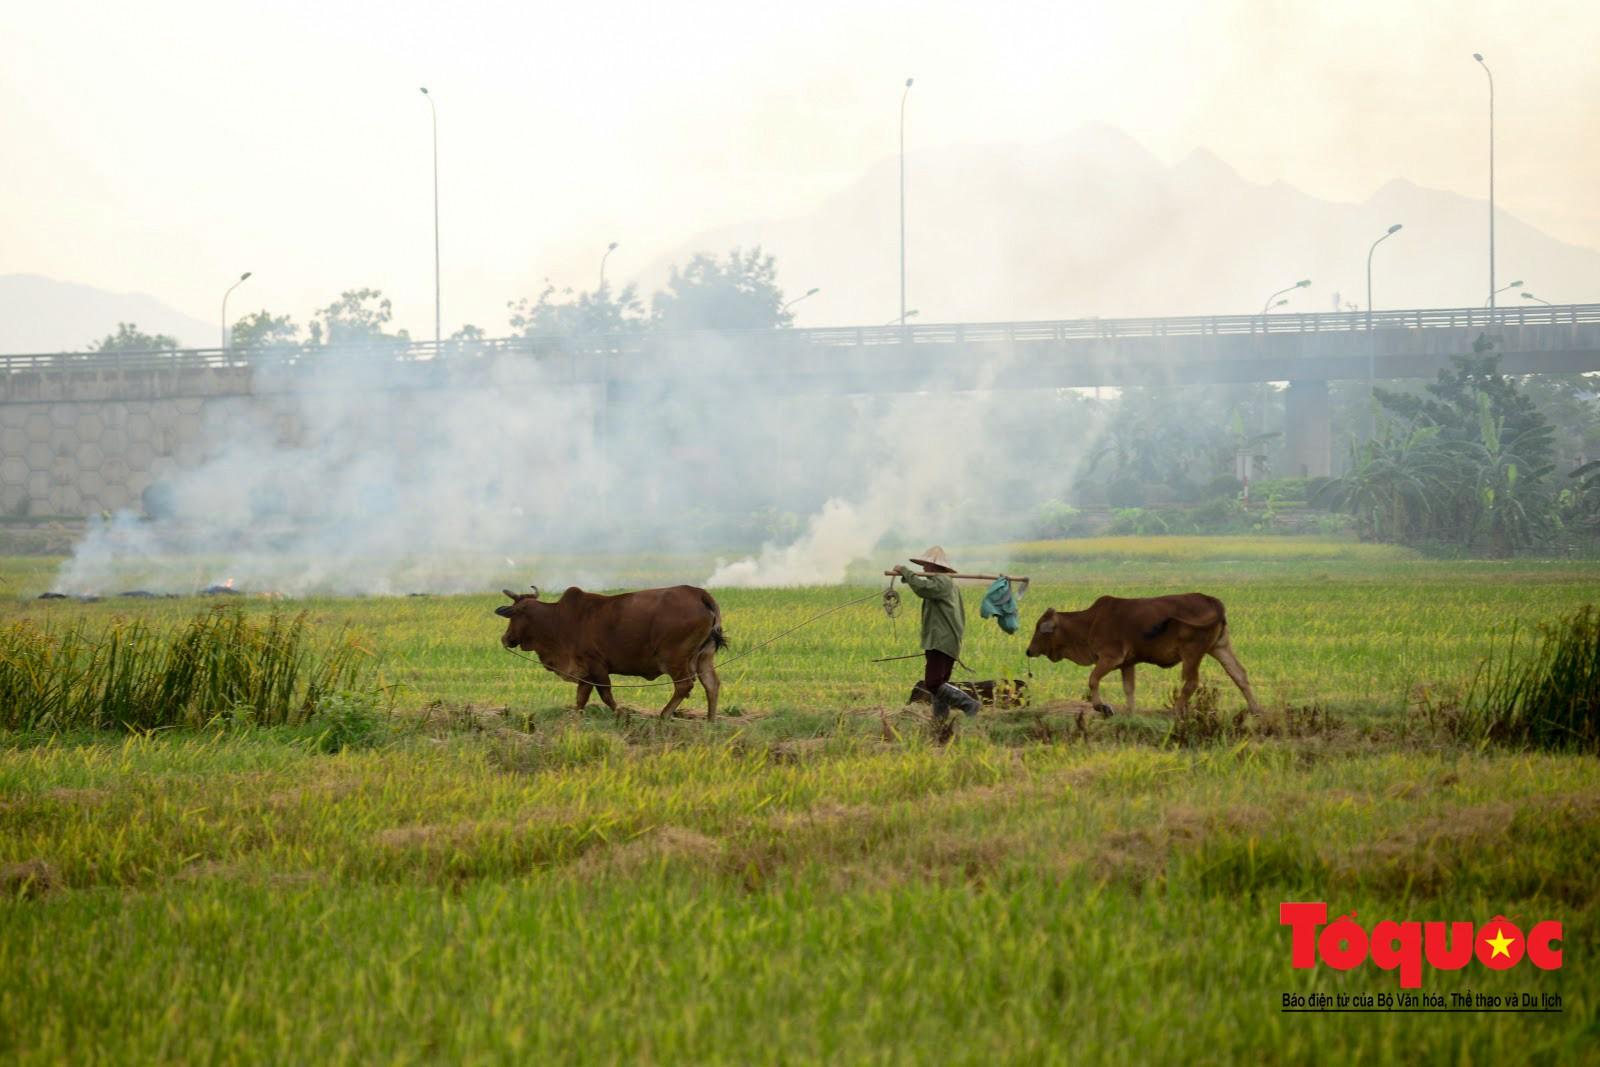 Nông dân ngoại thành vô tình khiến nội thành Hà Nội có một lớp sương mờ6